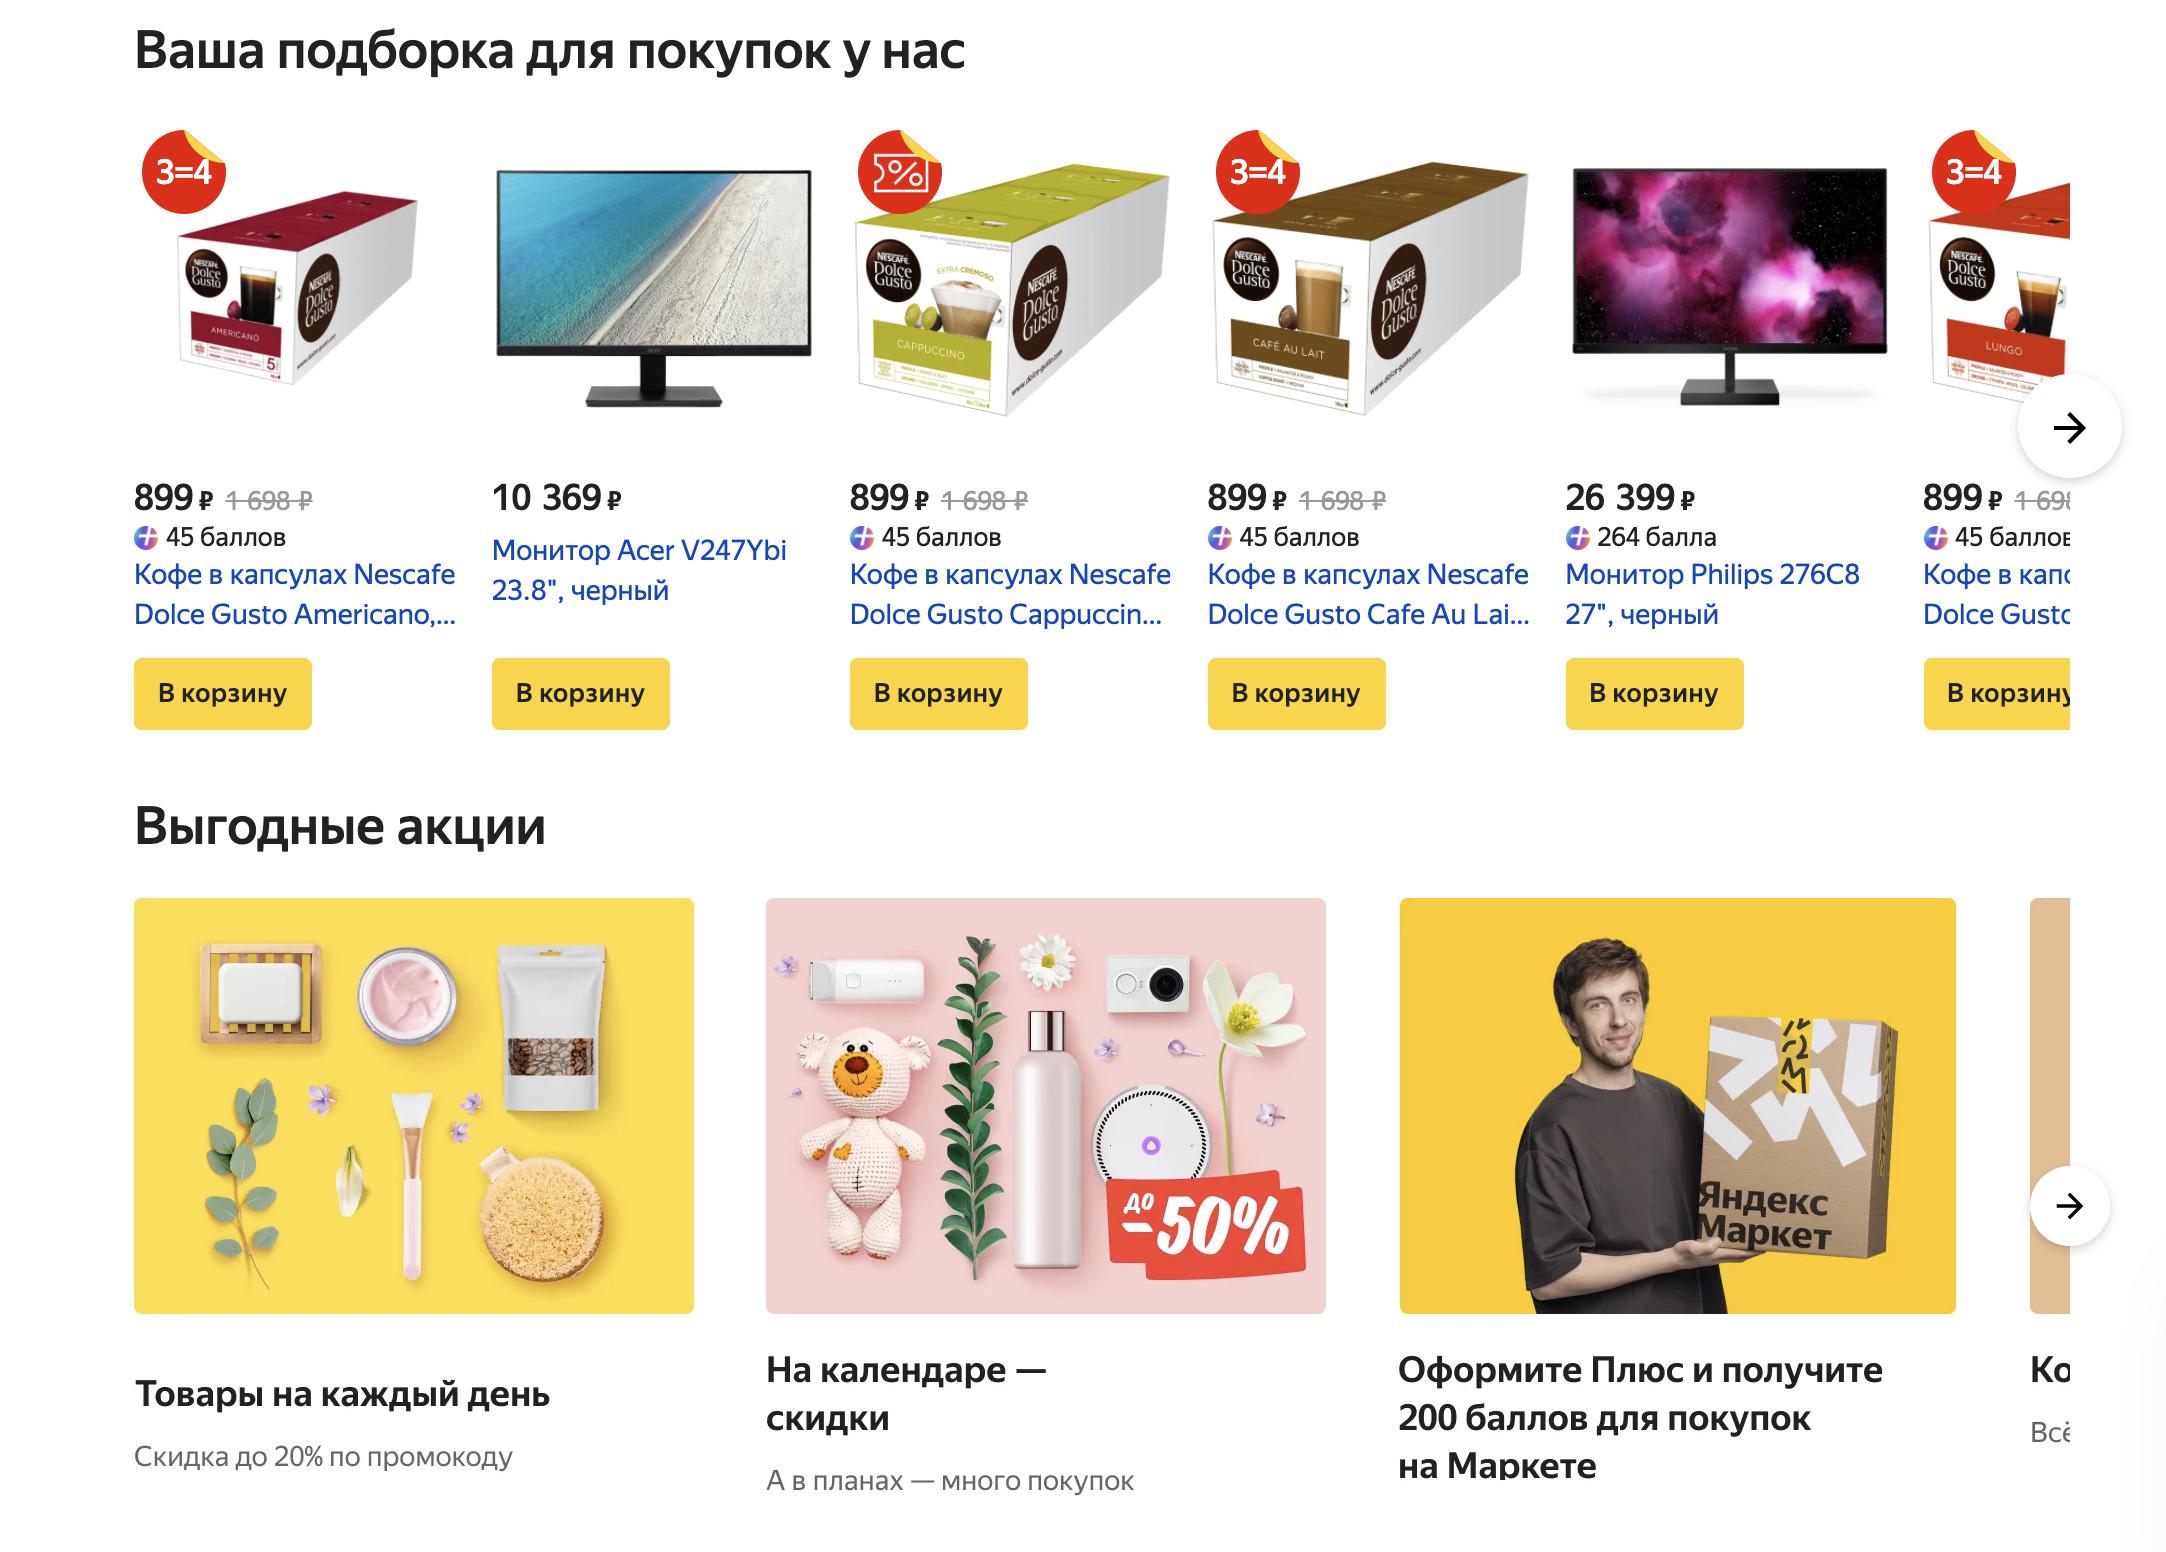 Доставка из Яндекс.Маркет в Свердловскую область, сроки, пункты выдачи, каталог